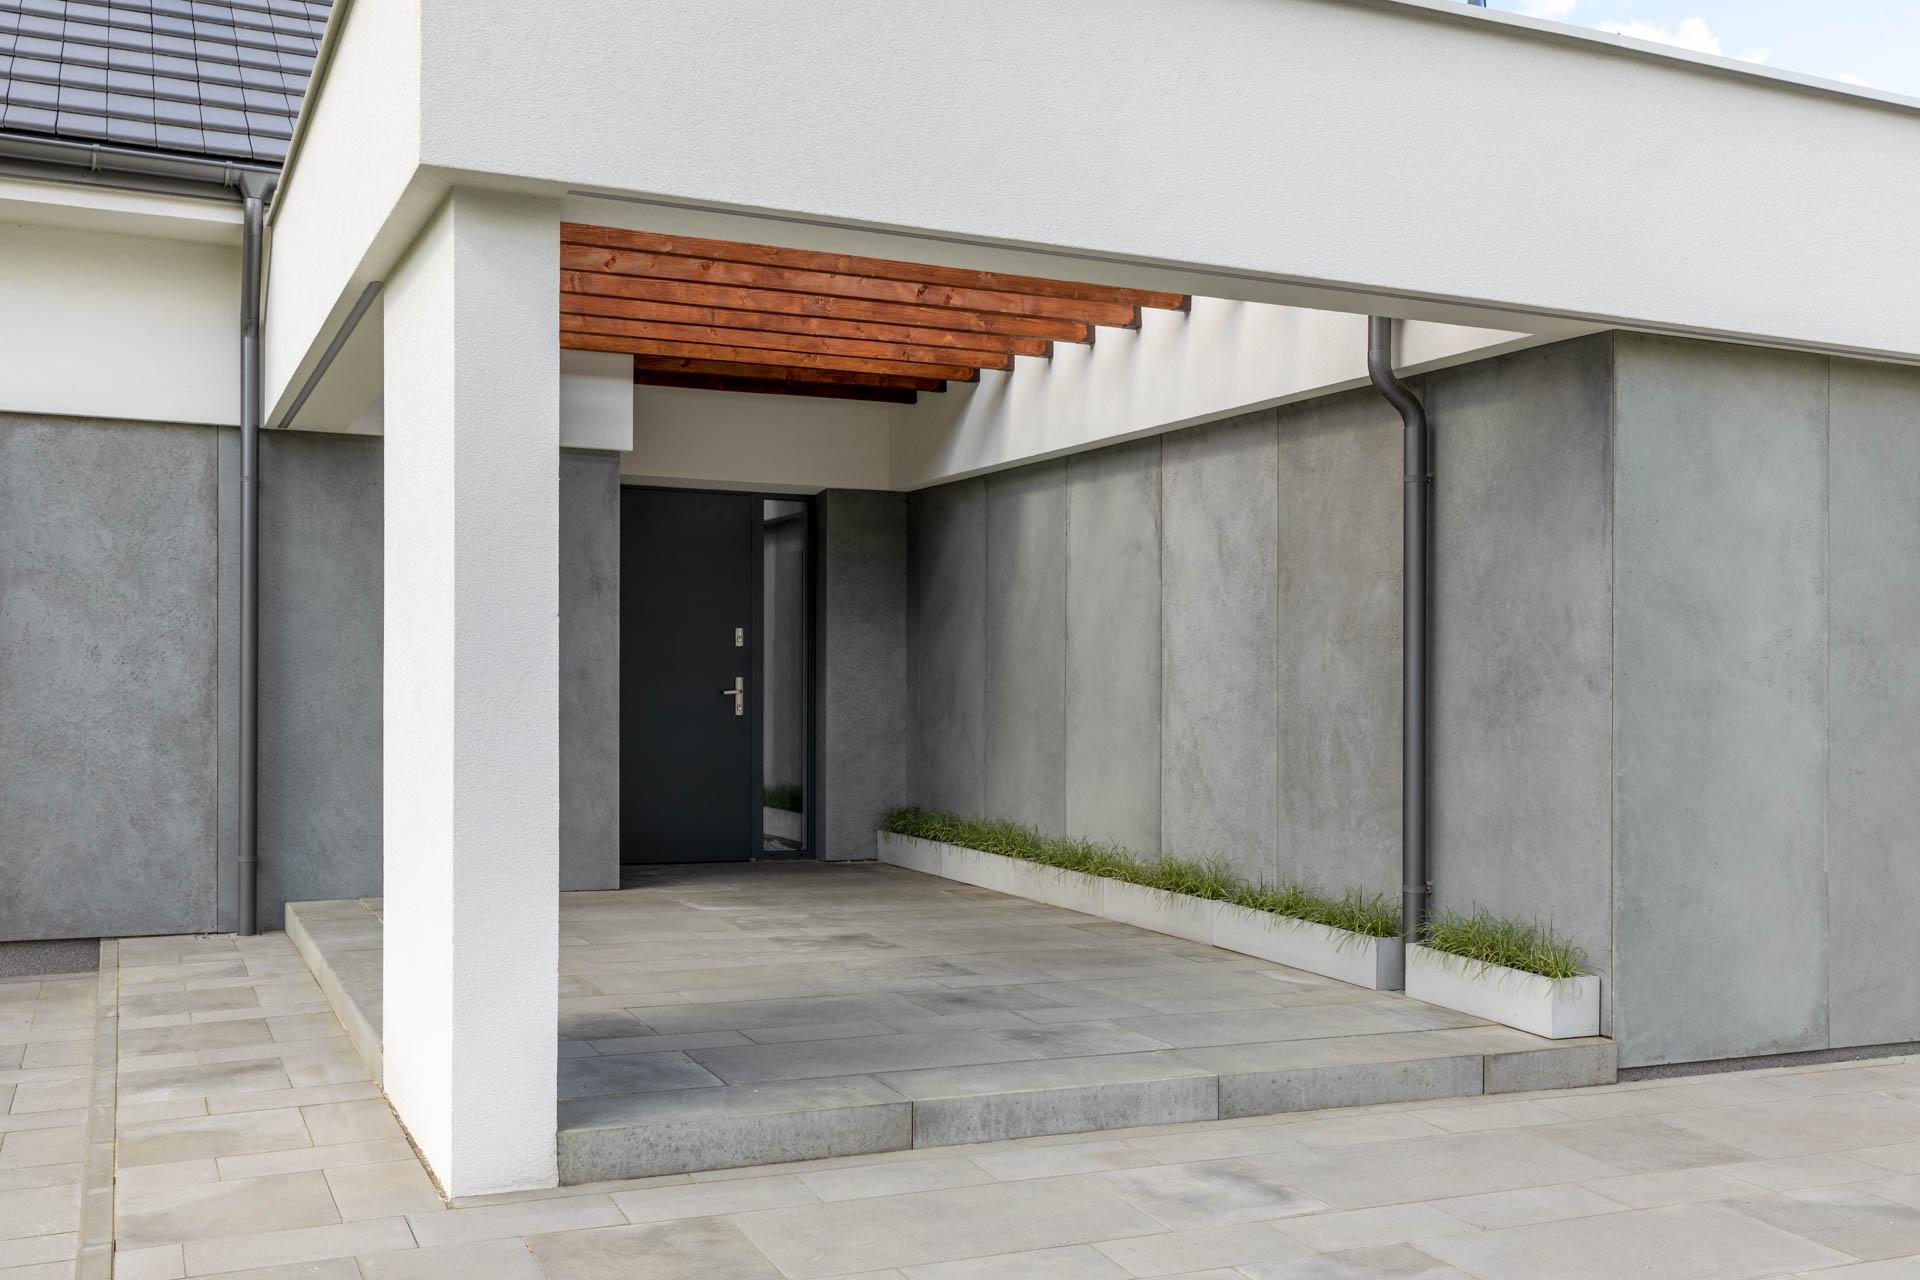 Płyty z betonu architektonicznego w układzie pionowym